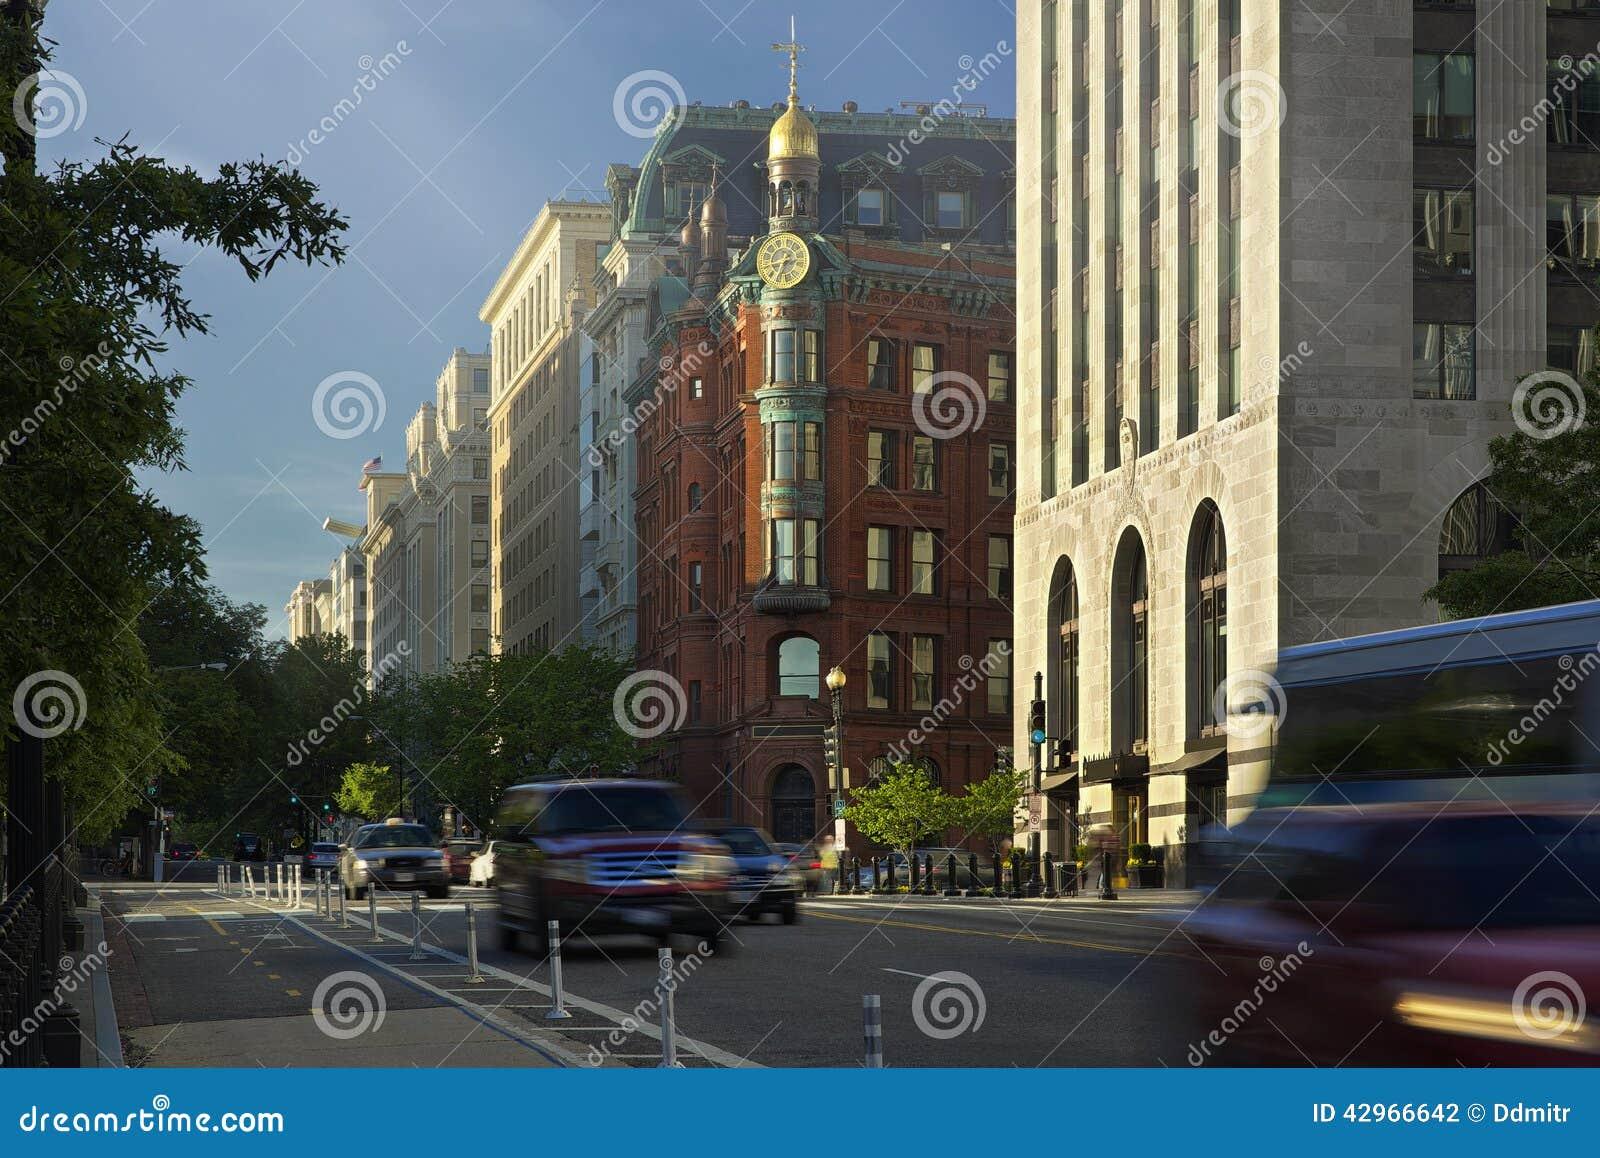 Washington Dc Stock Photo Image 42966642